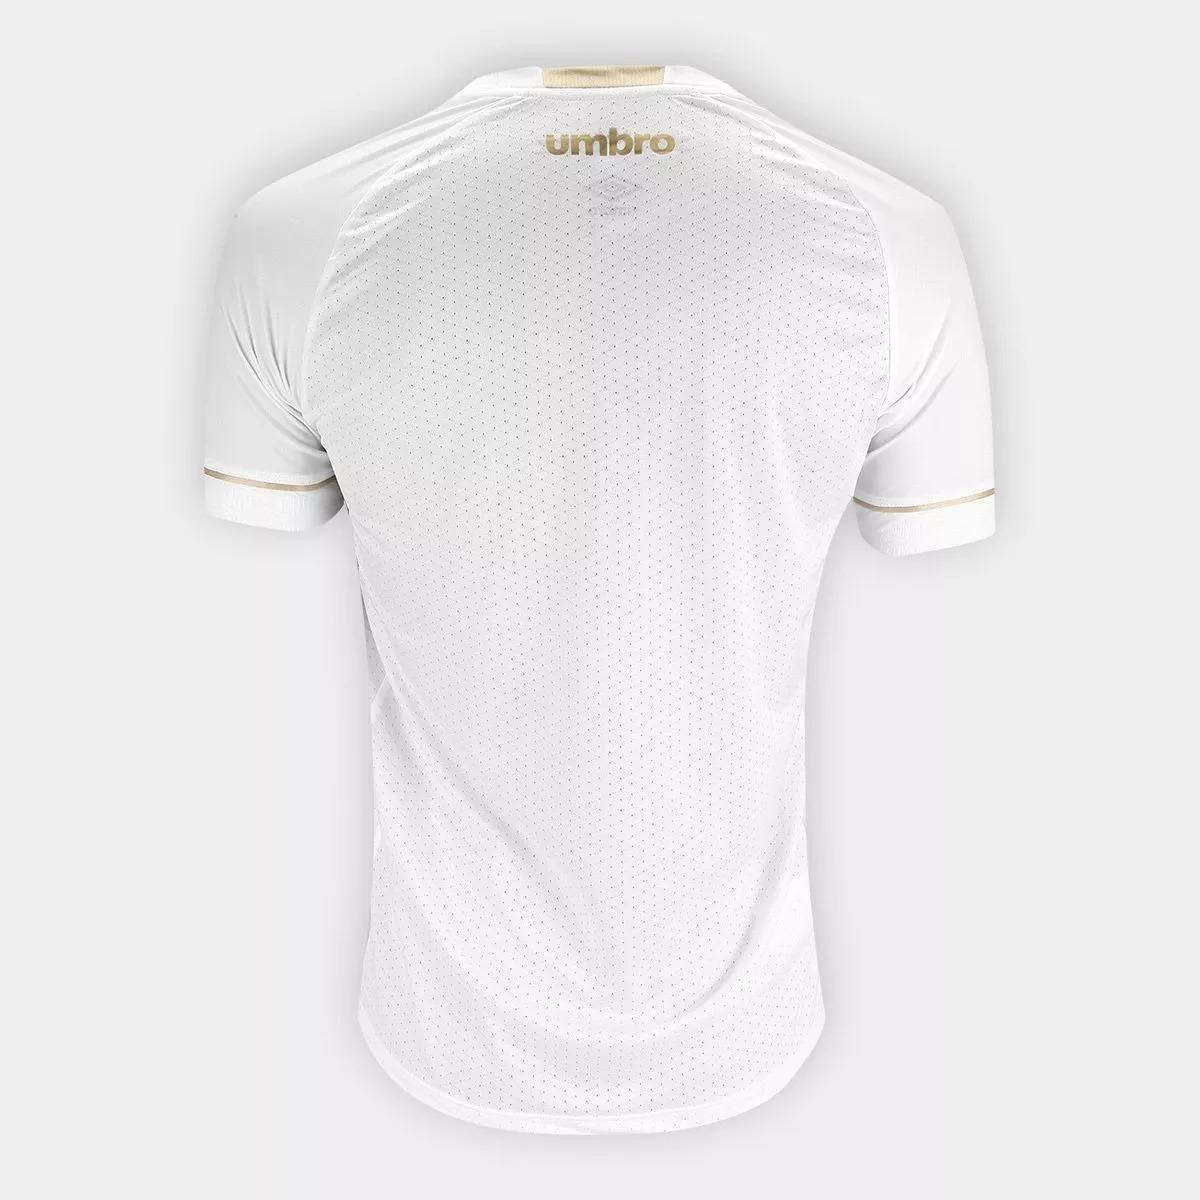 camisa santos home umbro oficial i 2018 2019 c  nota fiscal! Carregando zoom . 6f8b0de482e63